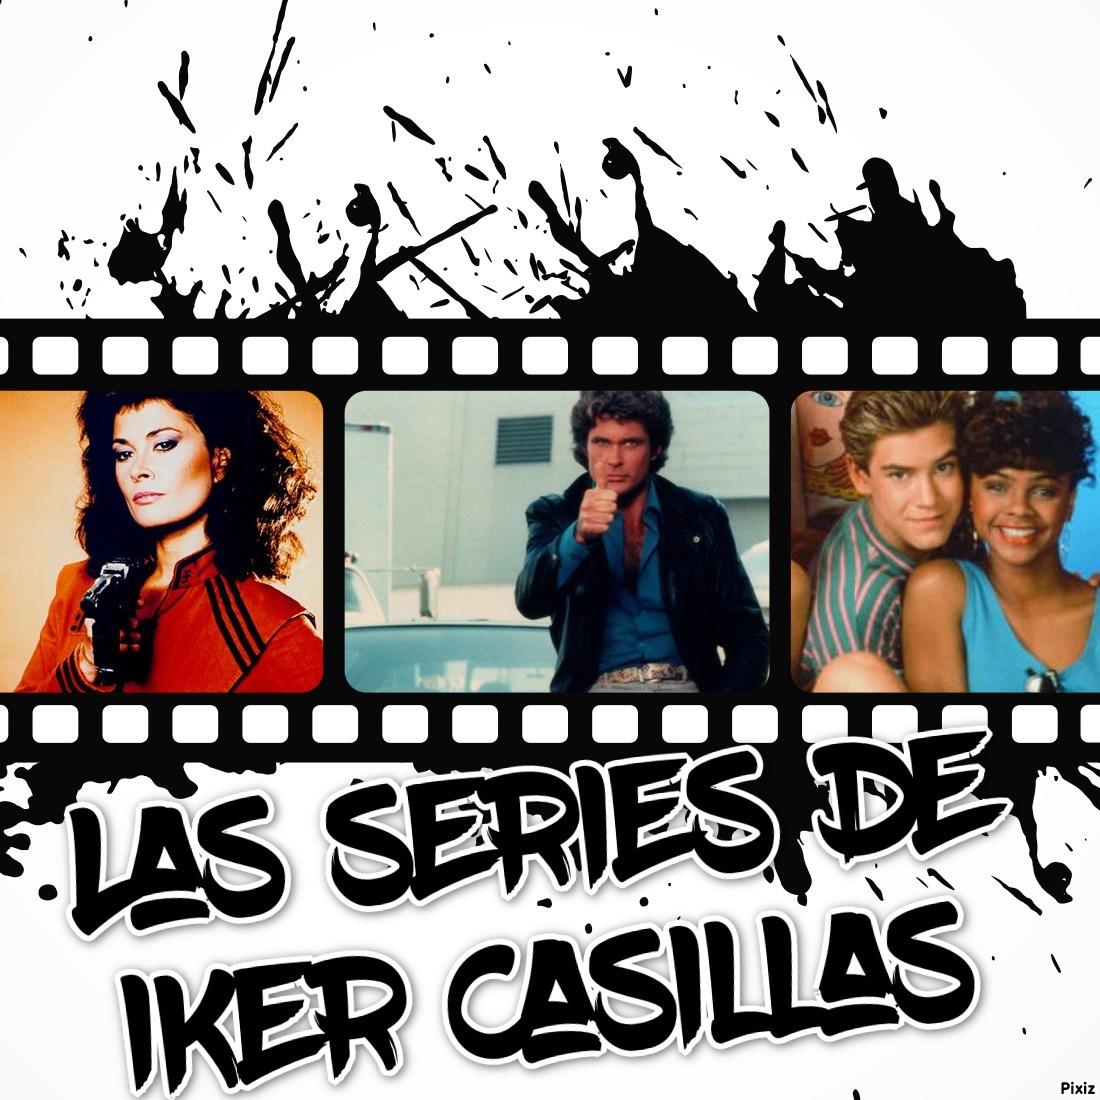 Las series de televisión preferidad de Iker Casillas